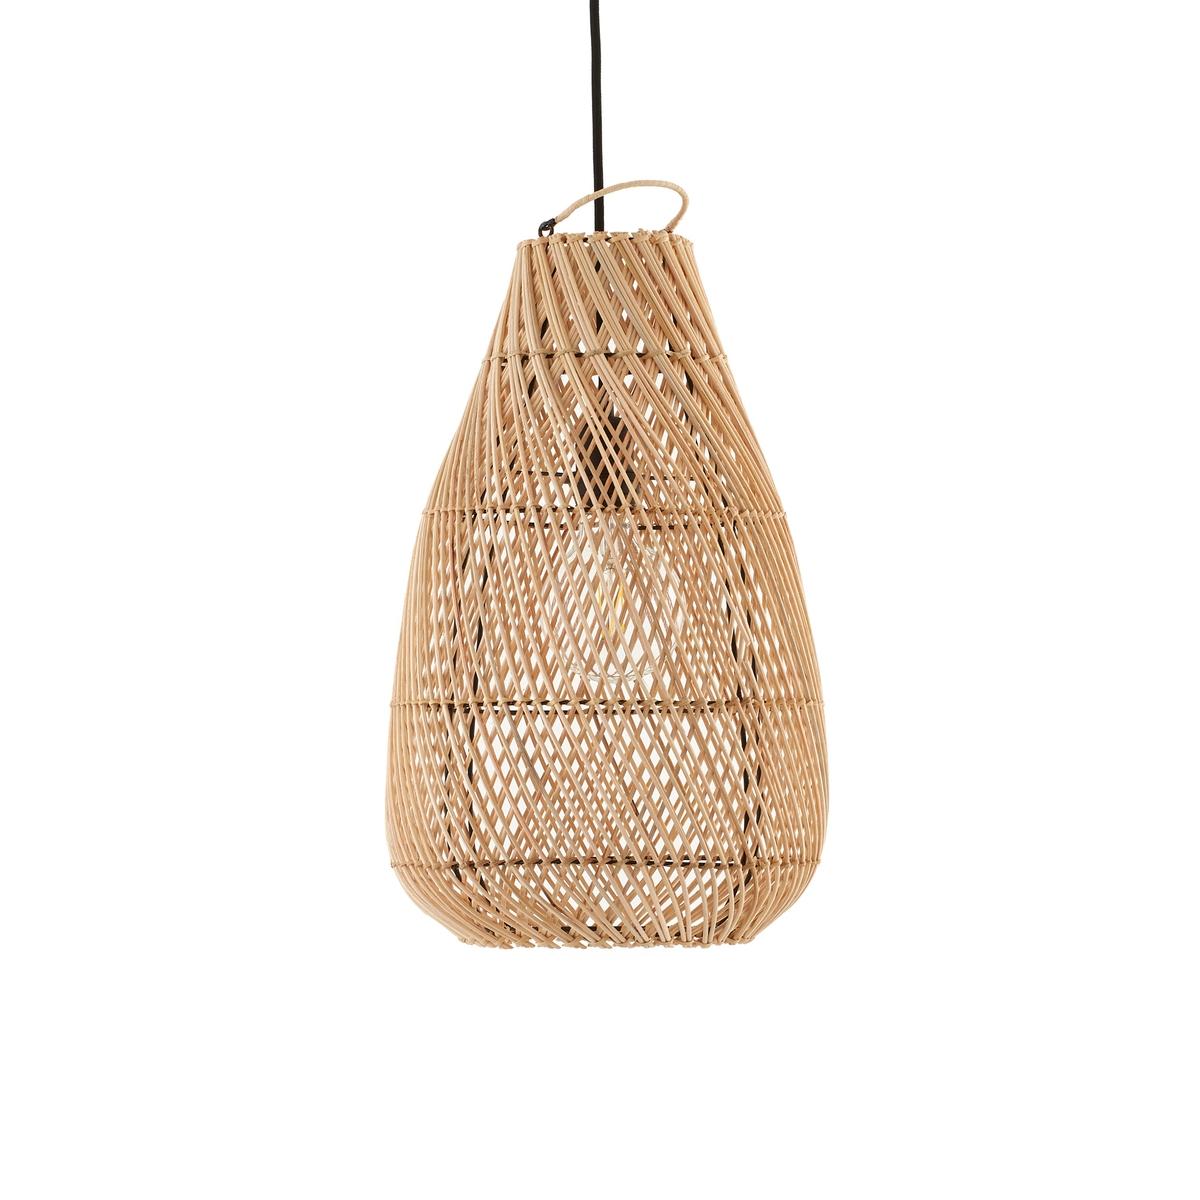 Светильник La Redoute Tylway из ротанга без электрики единый размер бежевый мебель из ротанга